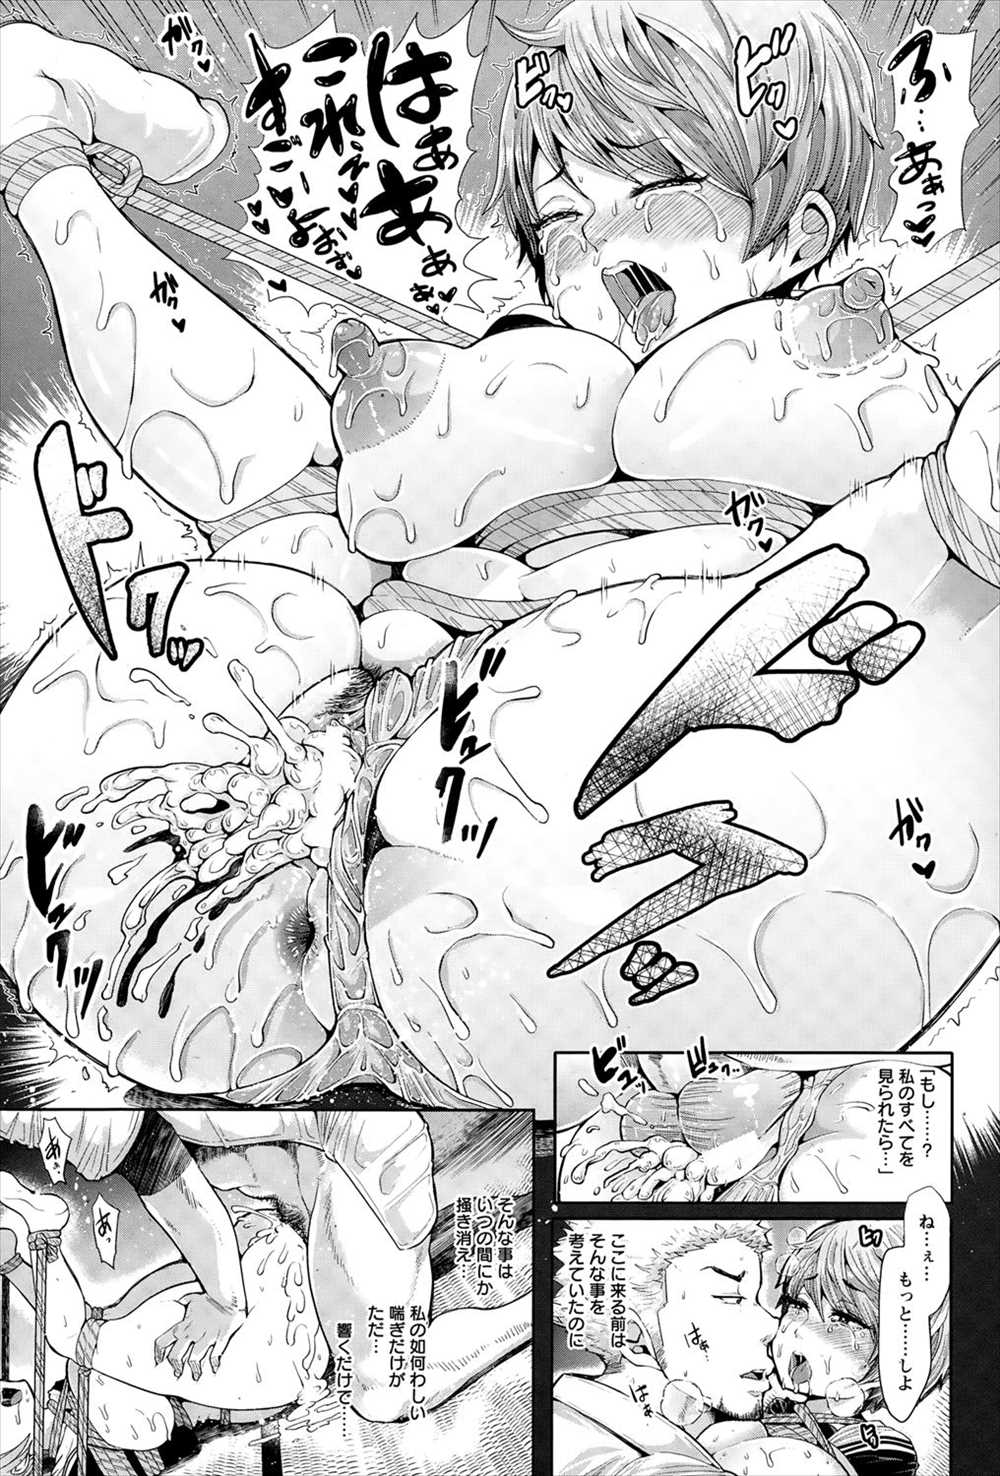 【エロ漫画】縄師のオジサンのバイトで緊縛プレイ…JKが生挿入中出し調教レイプwww【しょむ:椿ニ縄ヲ…】